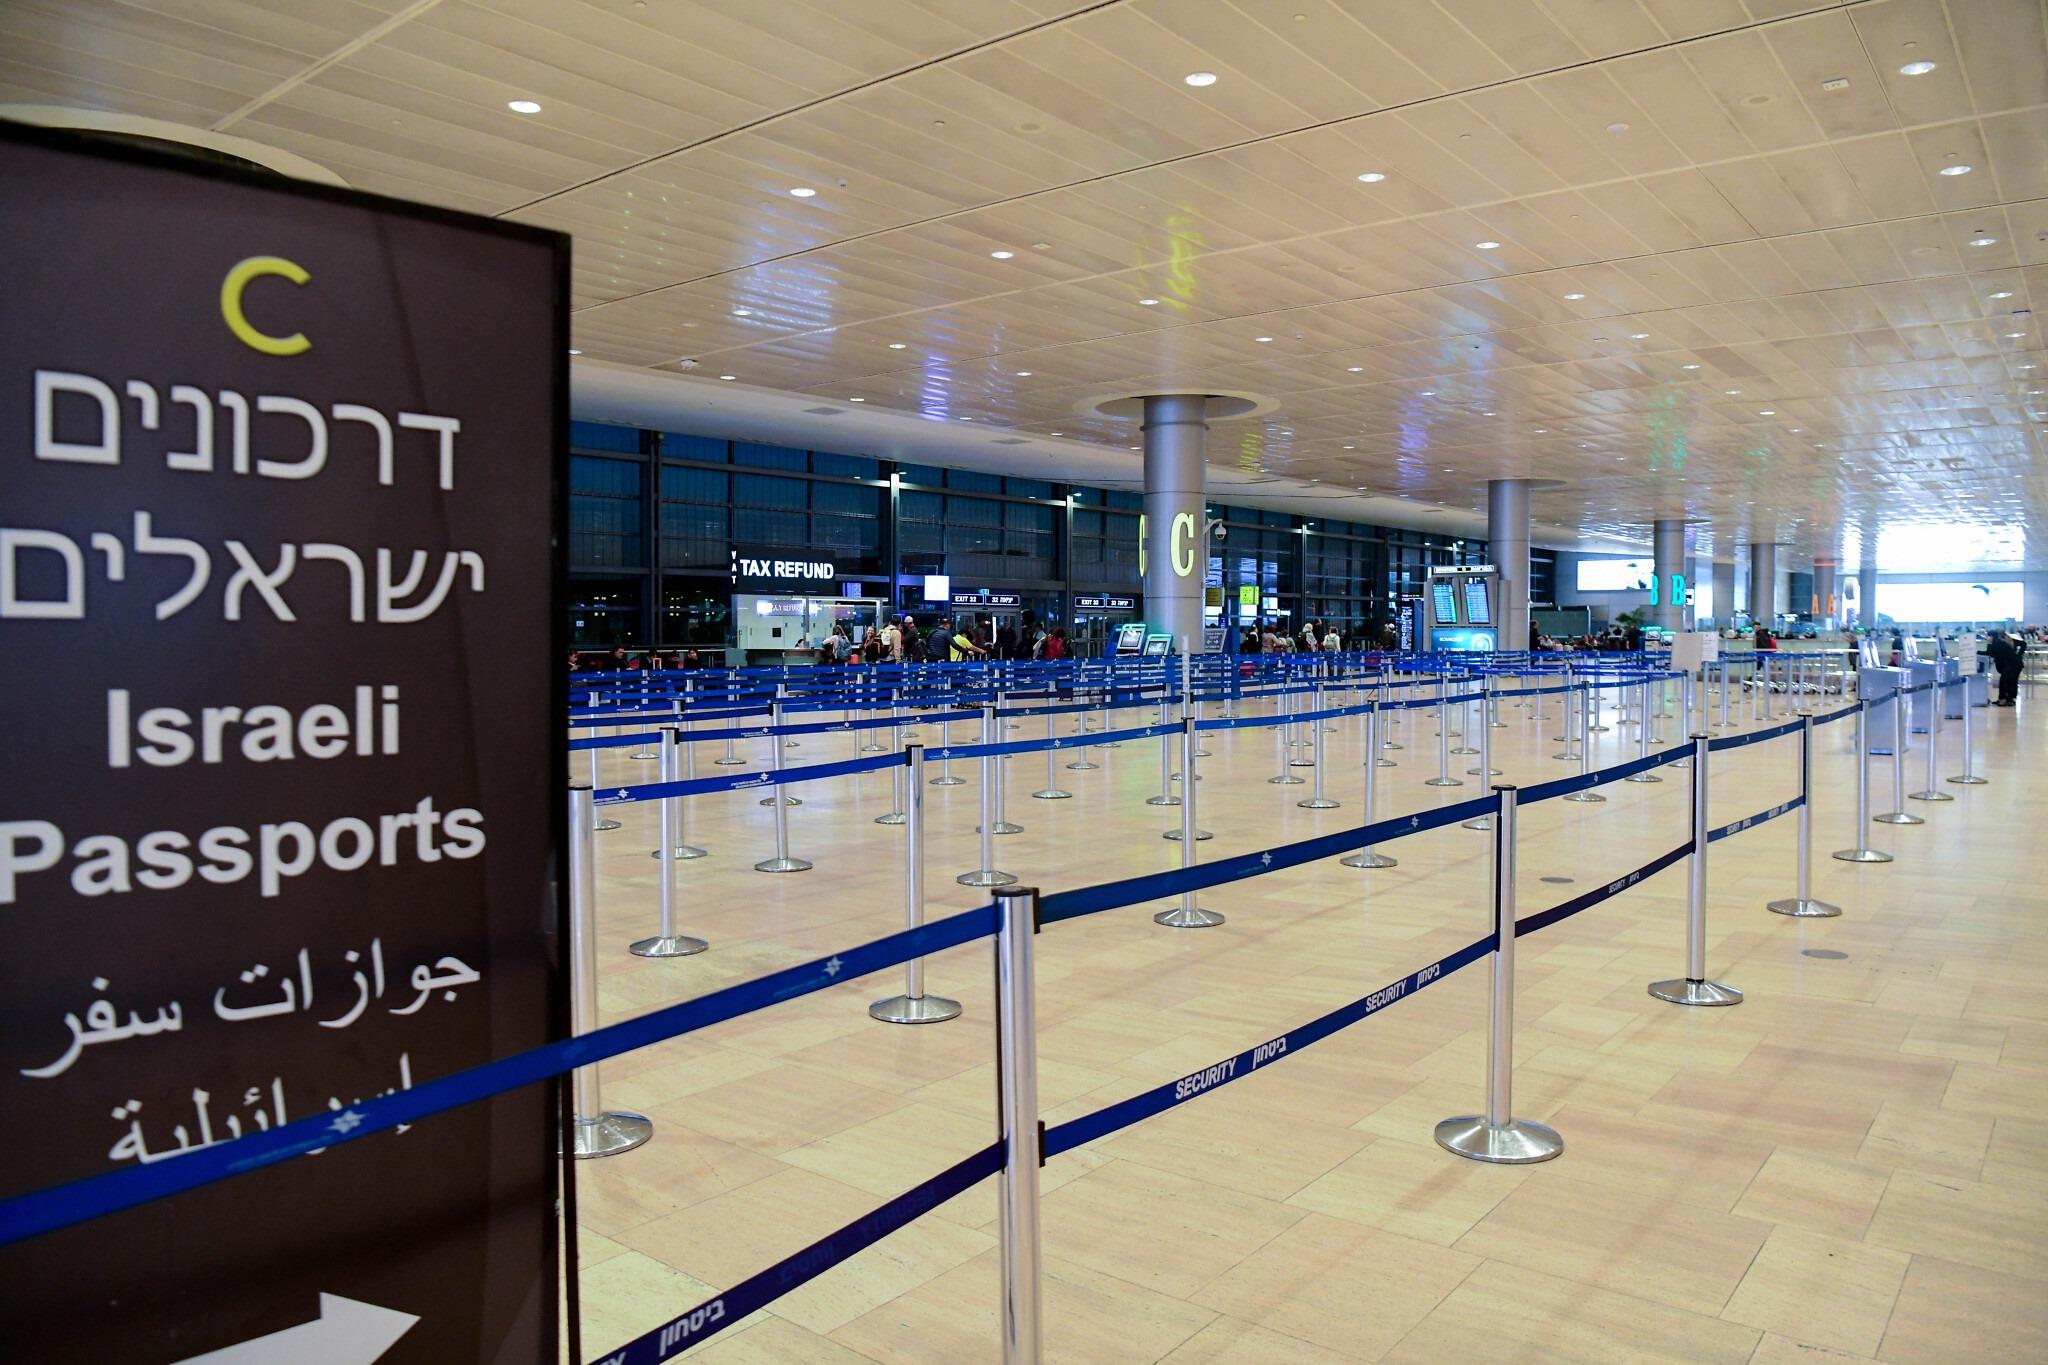 A giugno ci saranno voli per gli israeliani che dovranno auto isolarsi